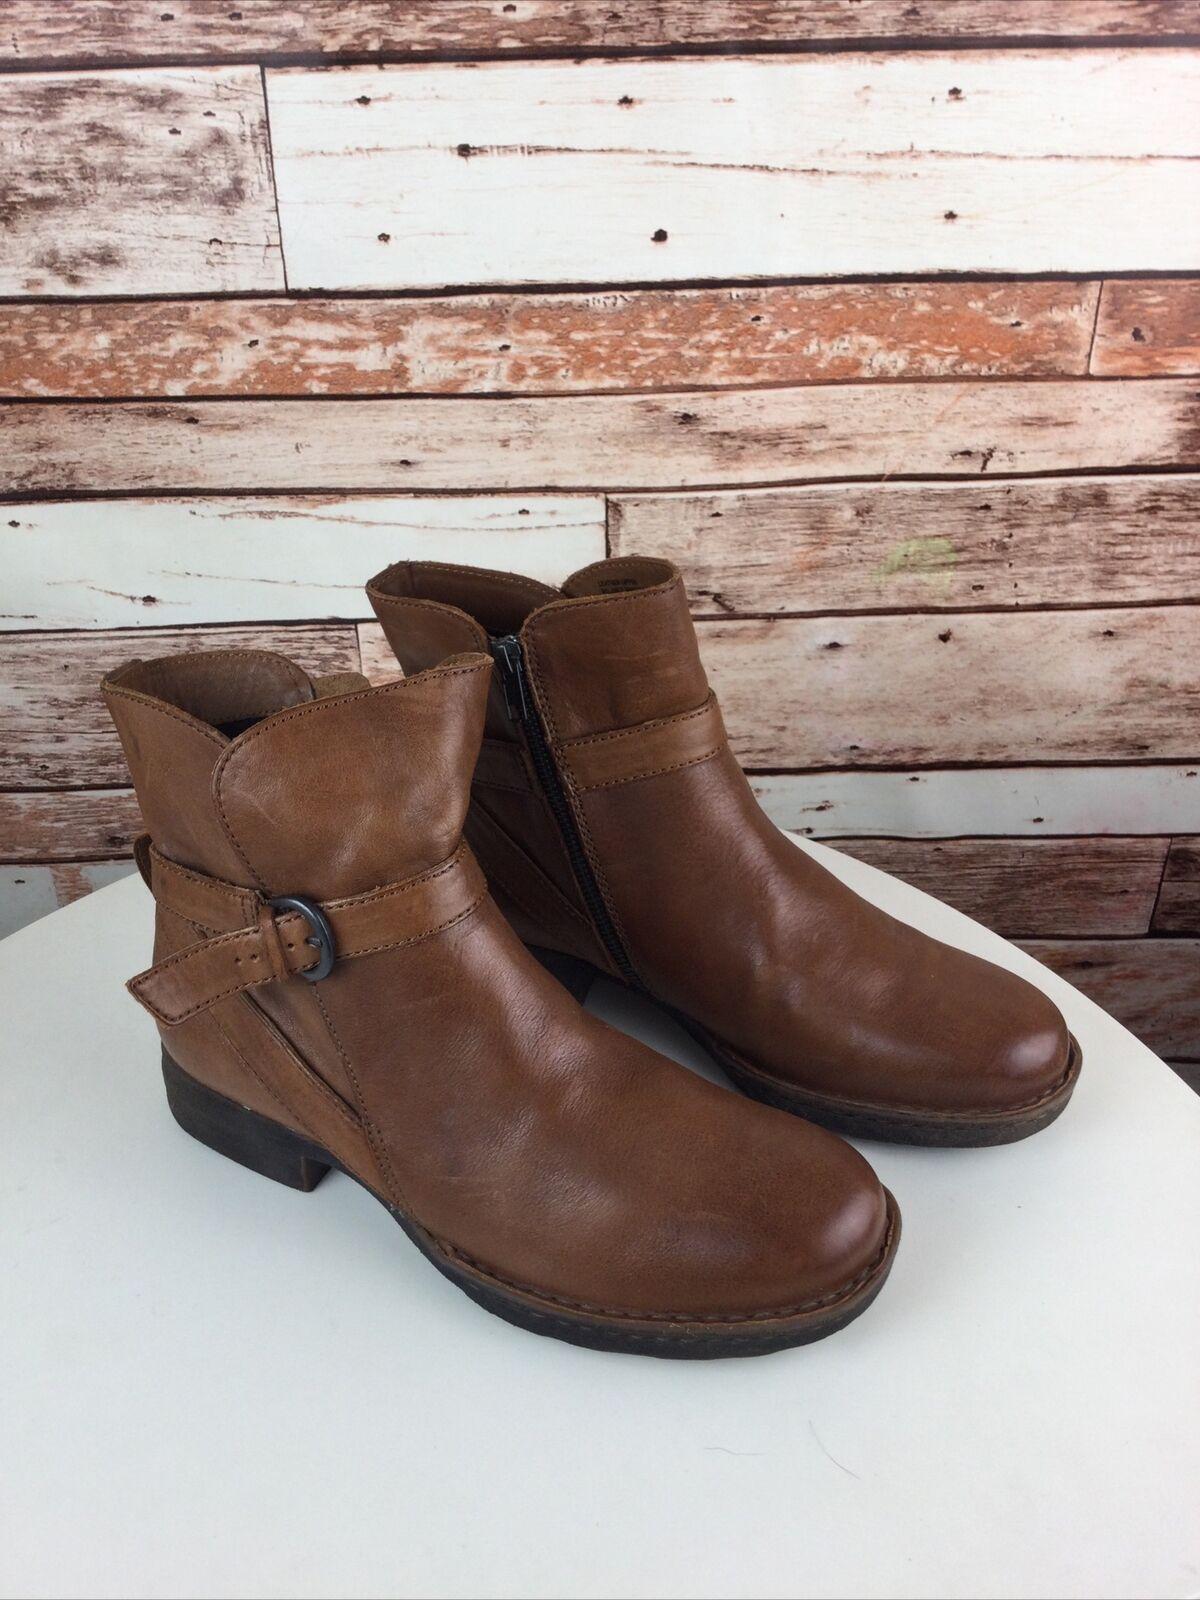 BORN Cognac Brown Leather Zip Ankle Moto Boots Size 10 M/W EUC